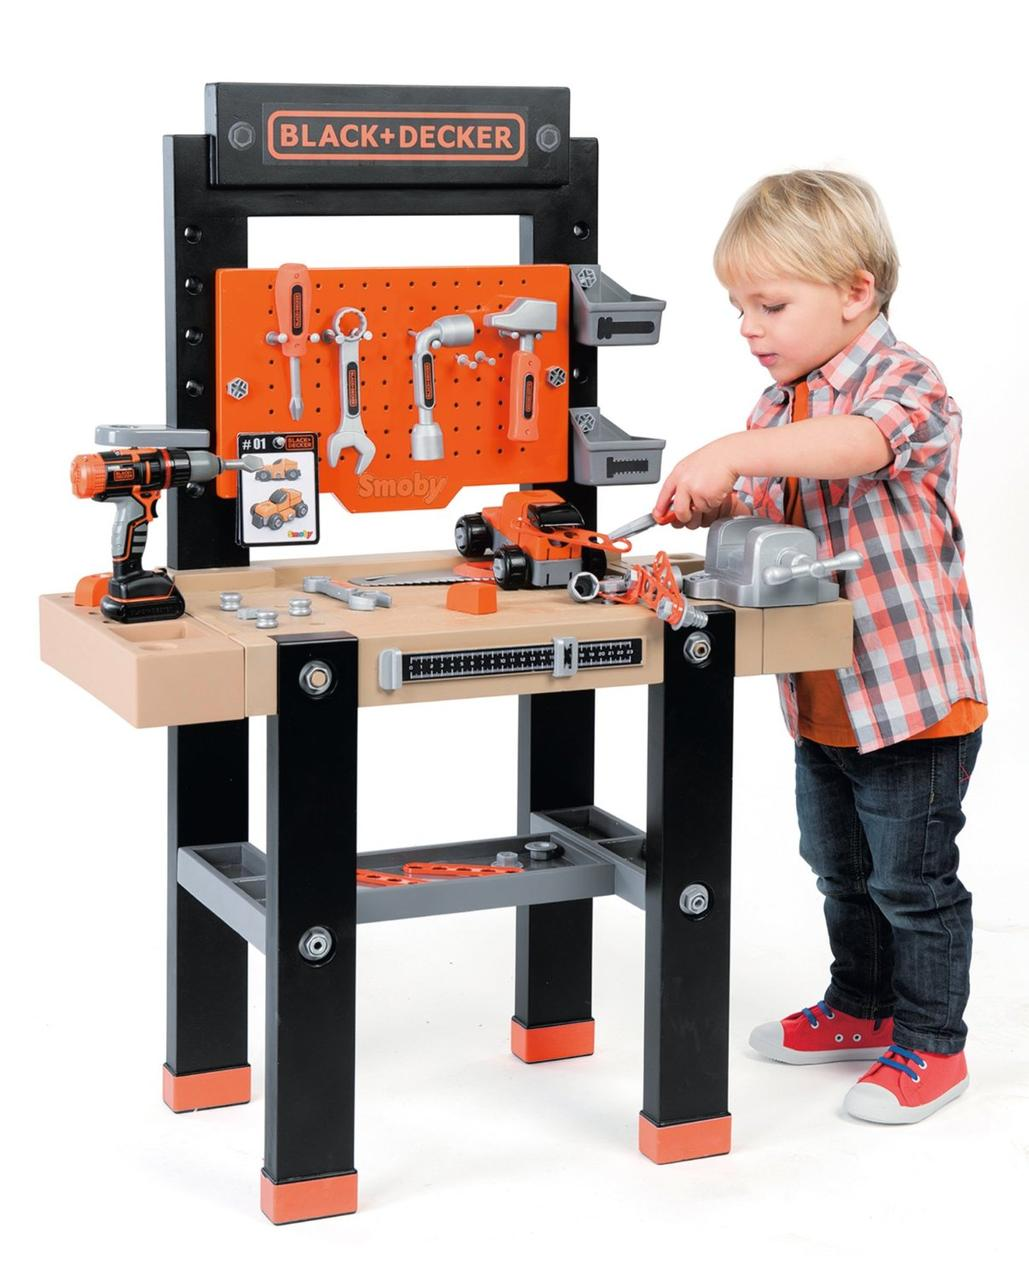 Детская мастерская с инструментами Black&Decker  92 акс